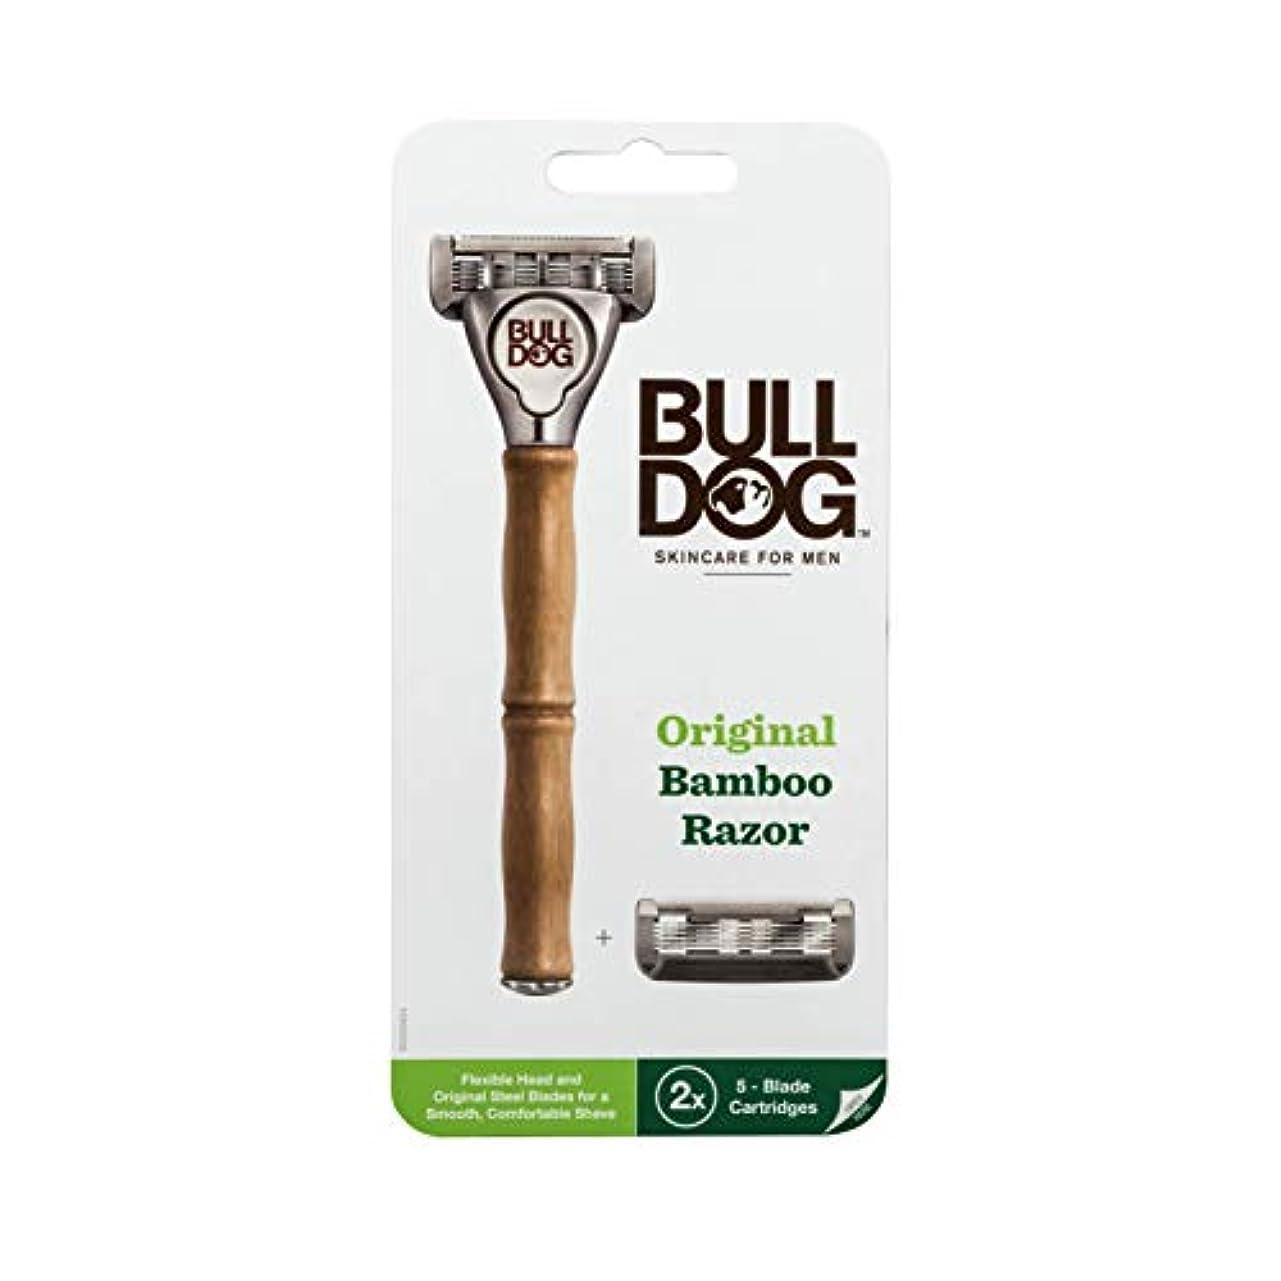 名誉ある脆い日曜日Bulldog(ブルドッグ) ブルドッグ Bulldog 5枚刃 オリジナルバンブーホルダー 水に強い竹製ハンドル 替刃 2コ付 男性カミソリ ホルダー(1本)、替刃2コ付き(内1コ本体装着済み)